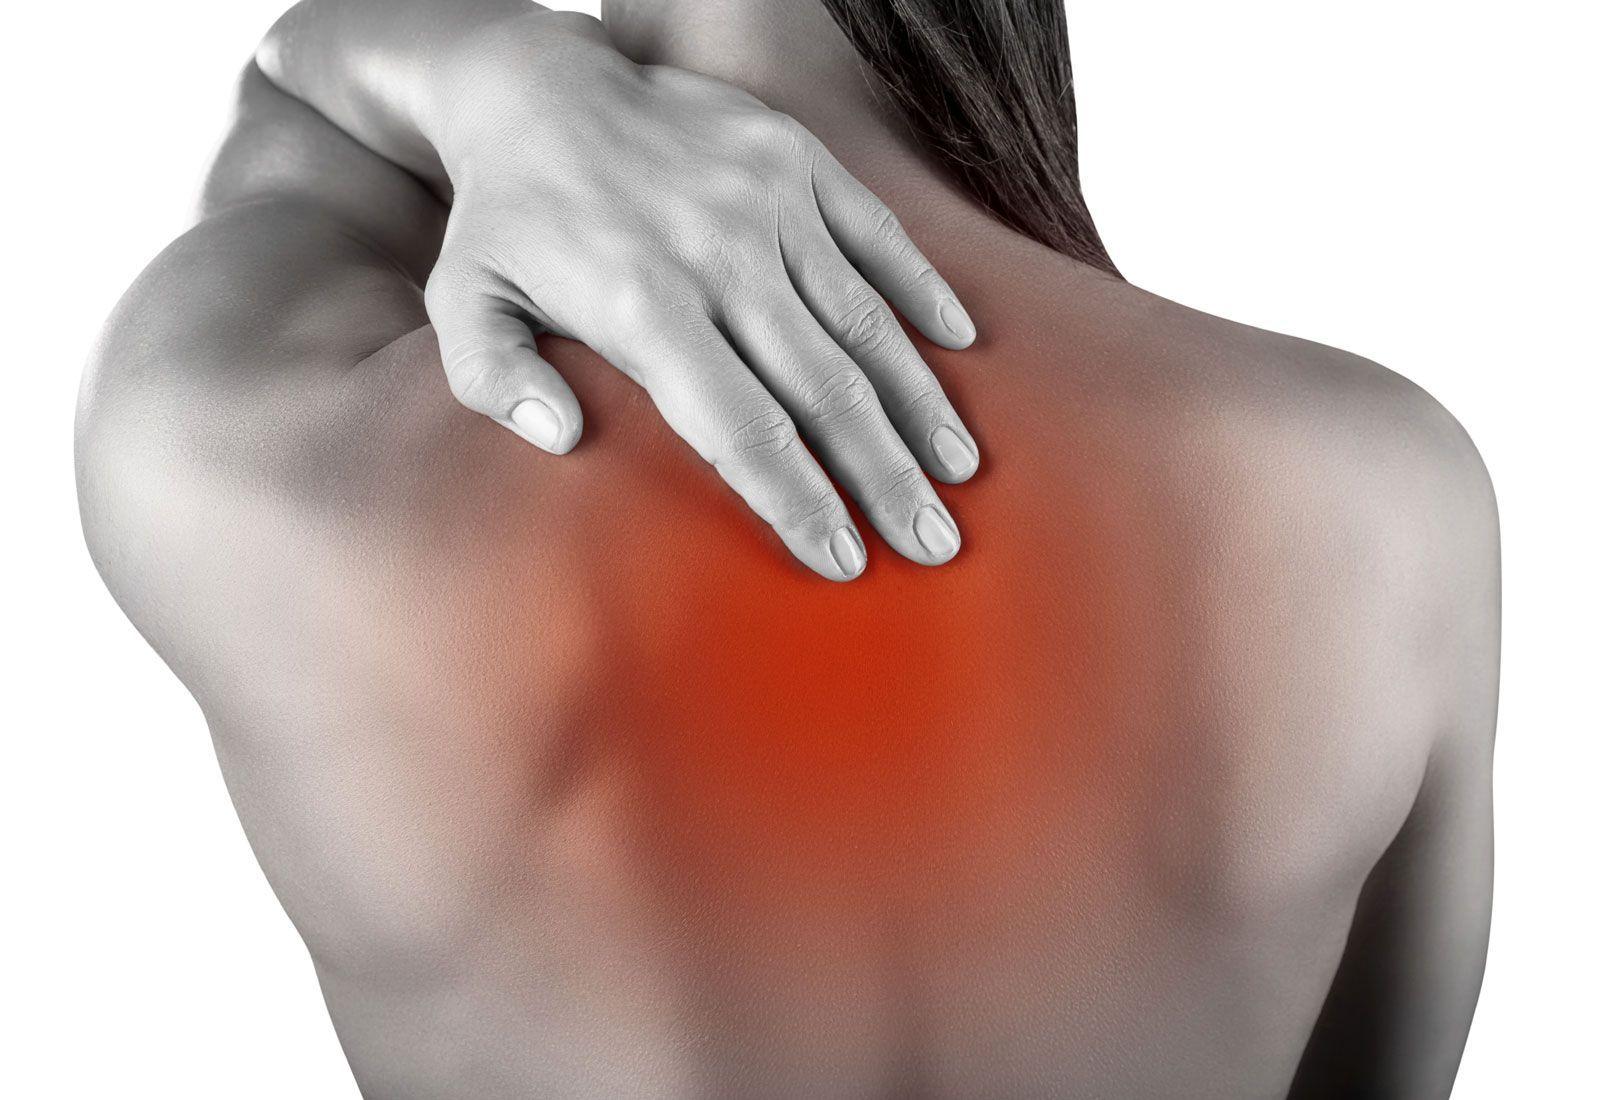 Шейно-грудной остеохондроз — признаки, симптомы и лечение патологии